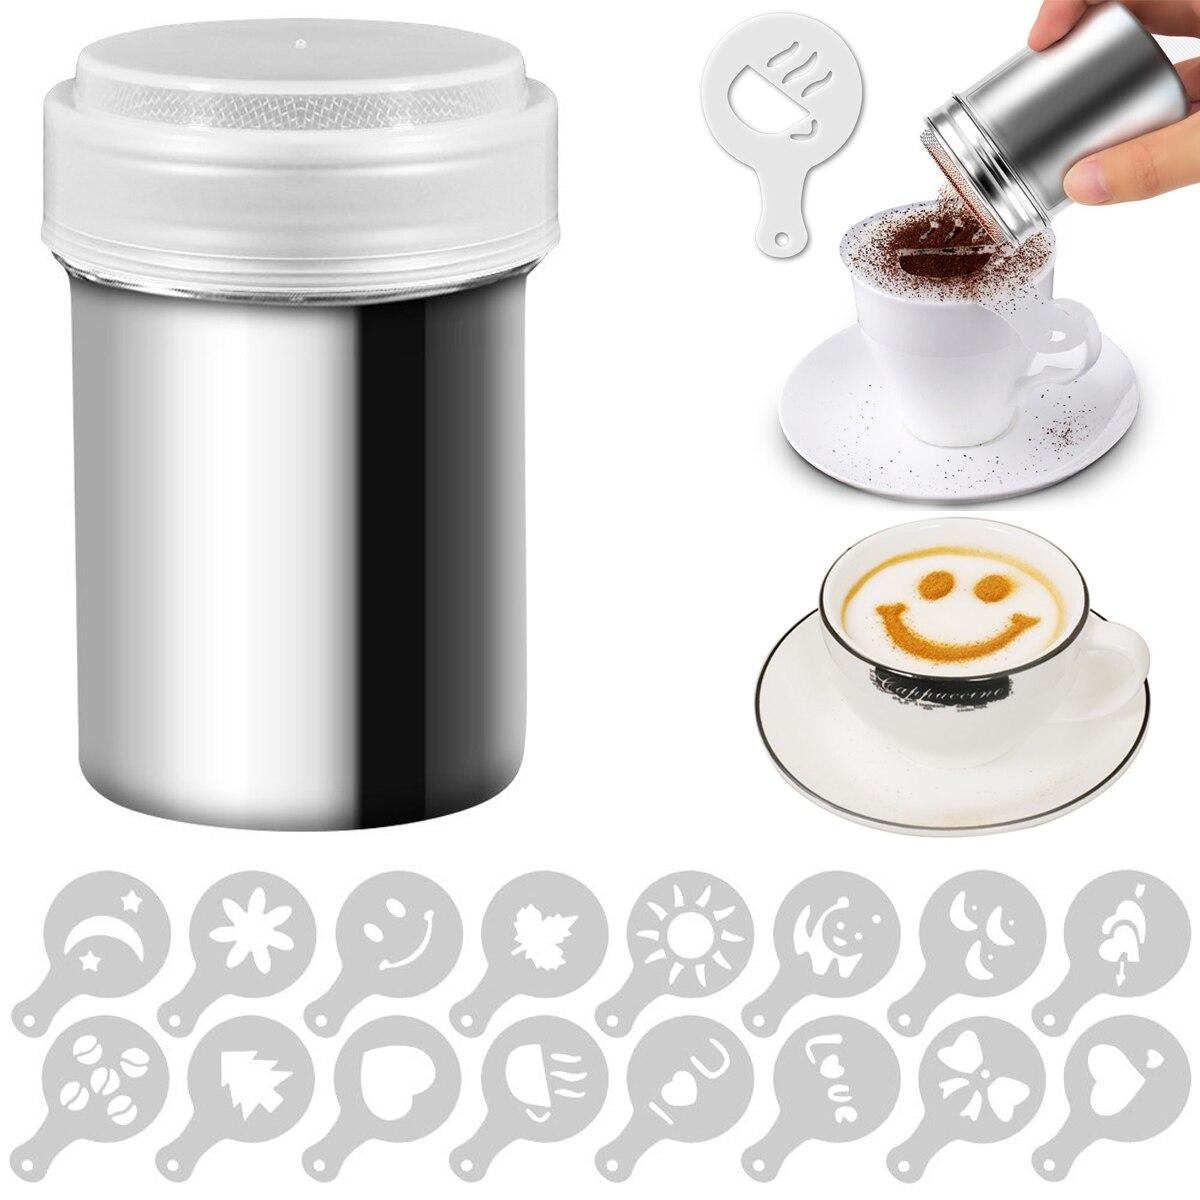 Форма для капучино, необычная форма для кофе, печатная модель, пенопласт, трафареты для торта, сахарная пудра, шоколад, какао, кофе, печатная ...